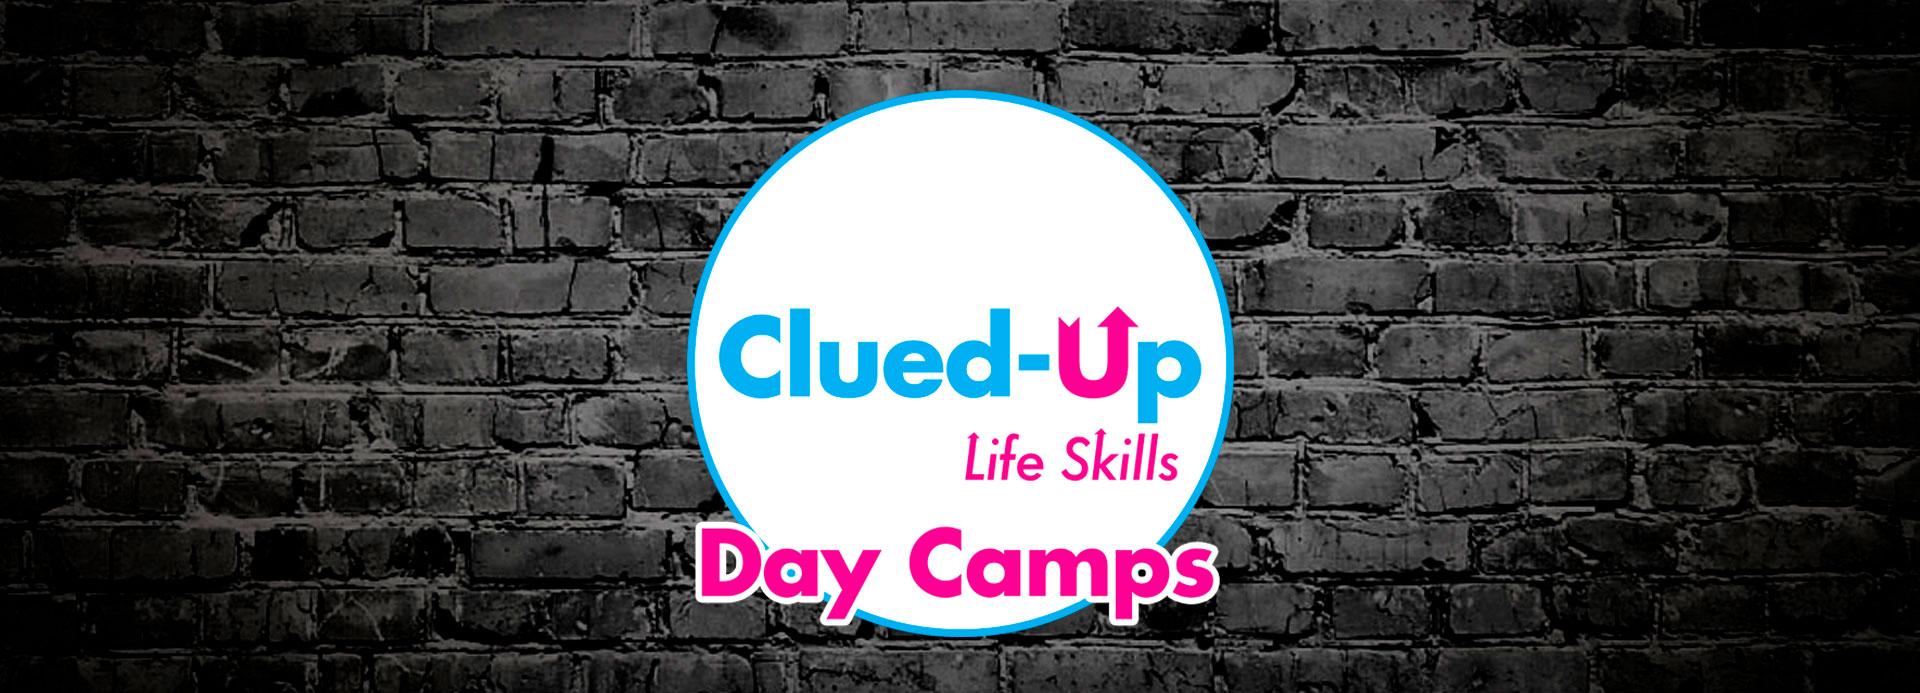 CluedUPDayCamps-2